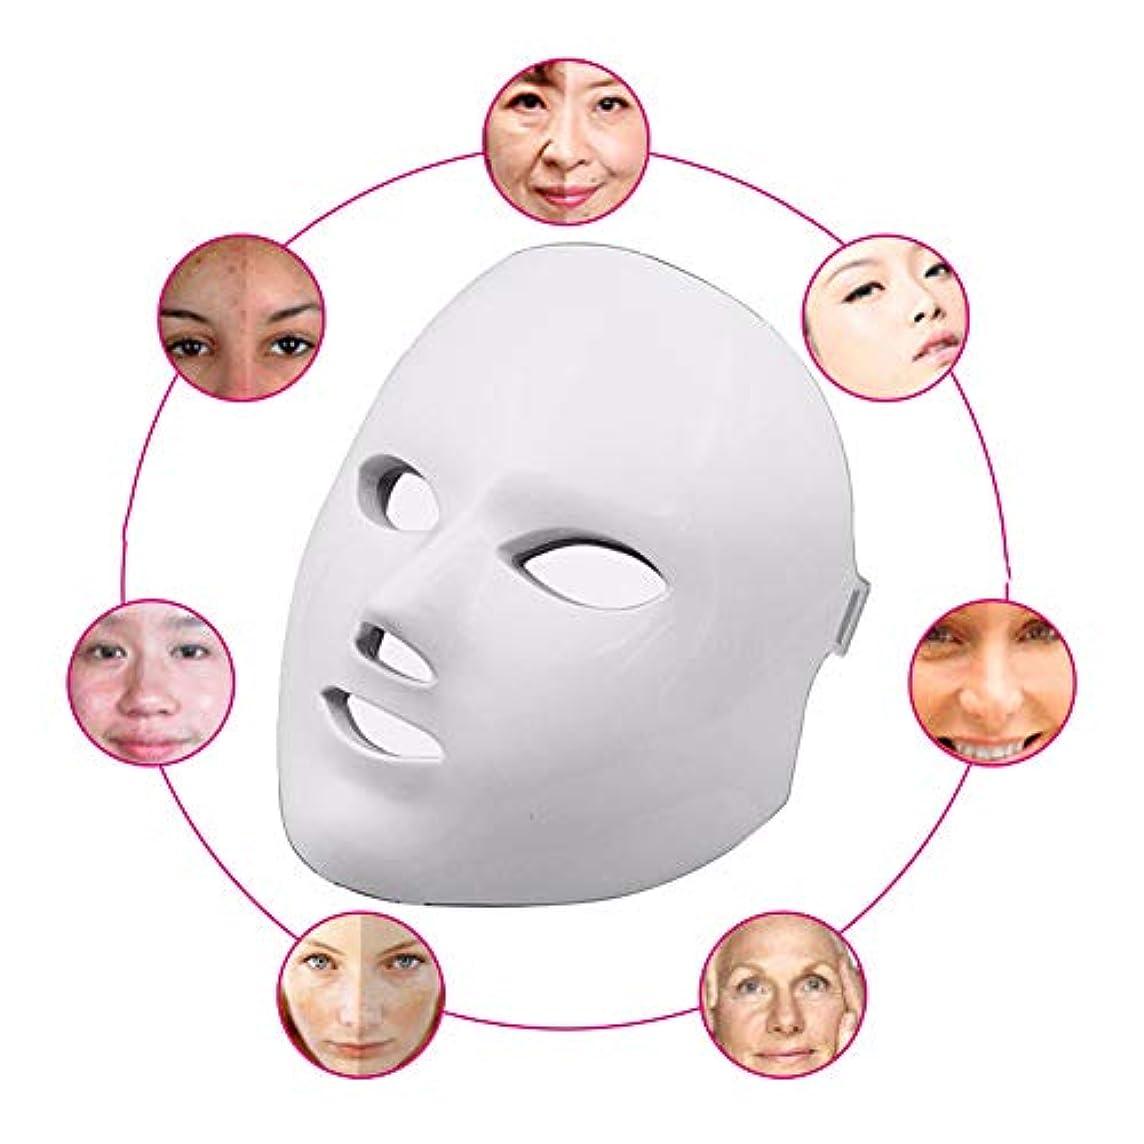 スクラブ渦番目赤色光光子治療機7色ledマスク再生PDT抗にきびしわ顔の美しさマッサージツール,White